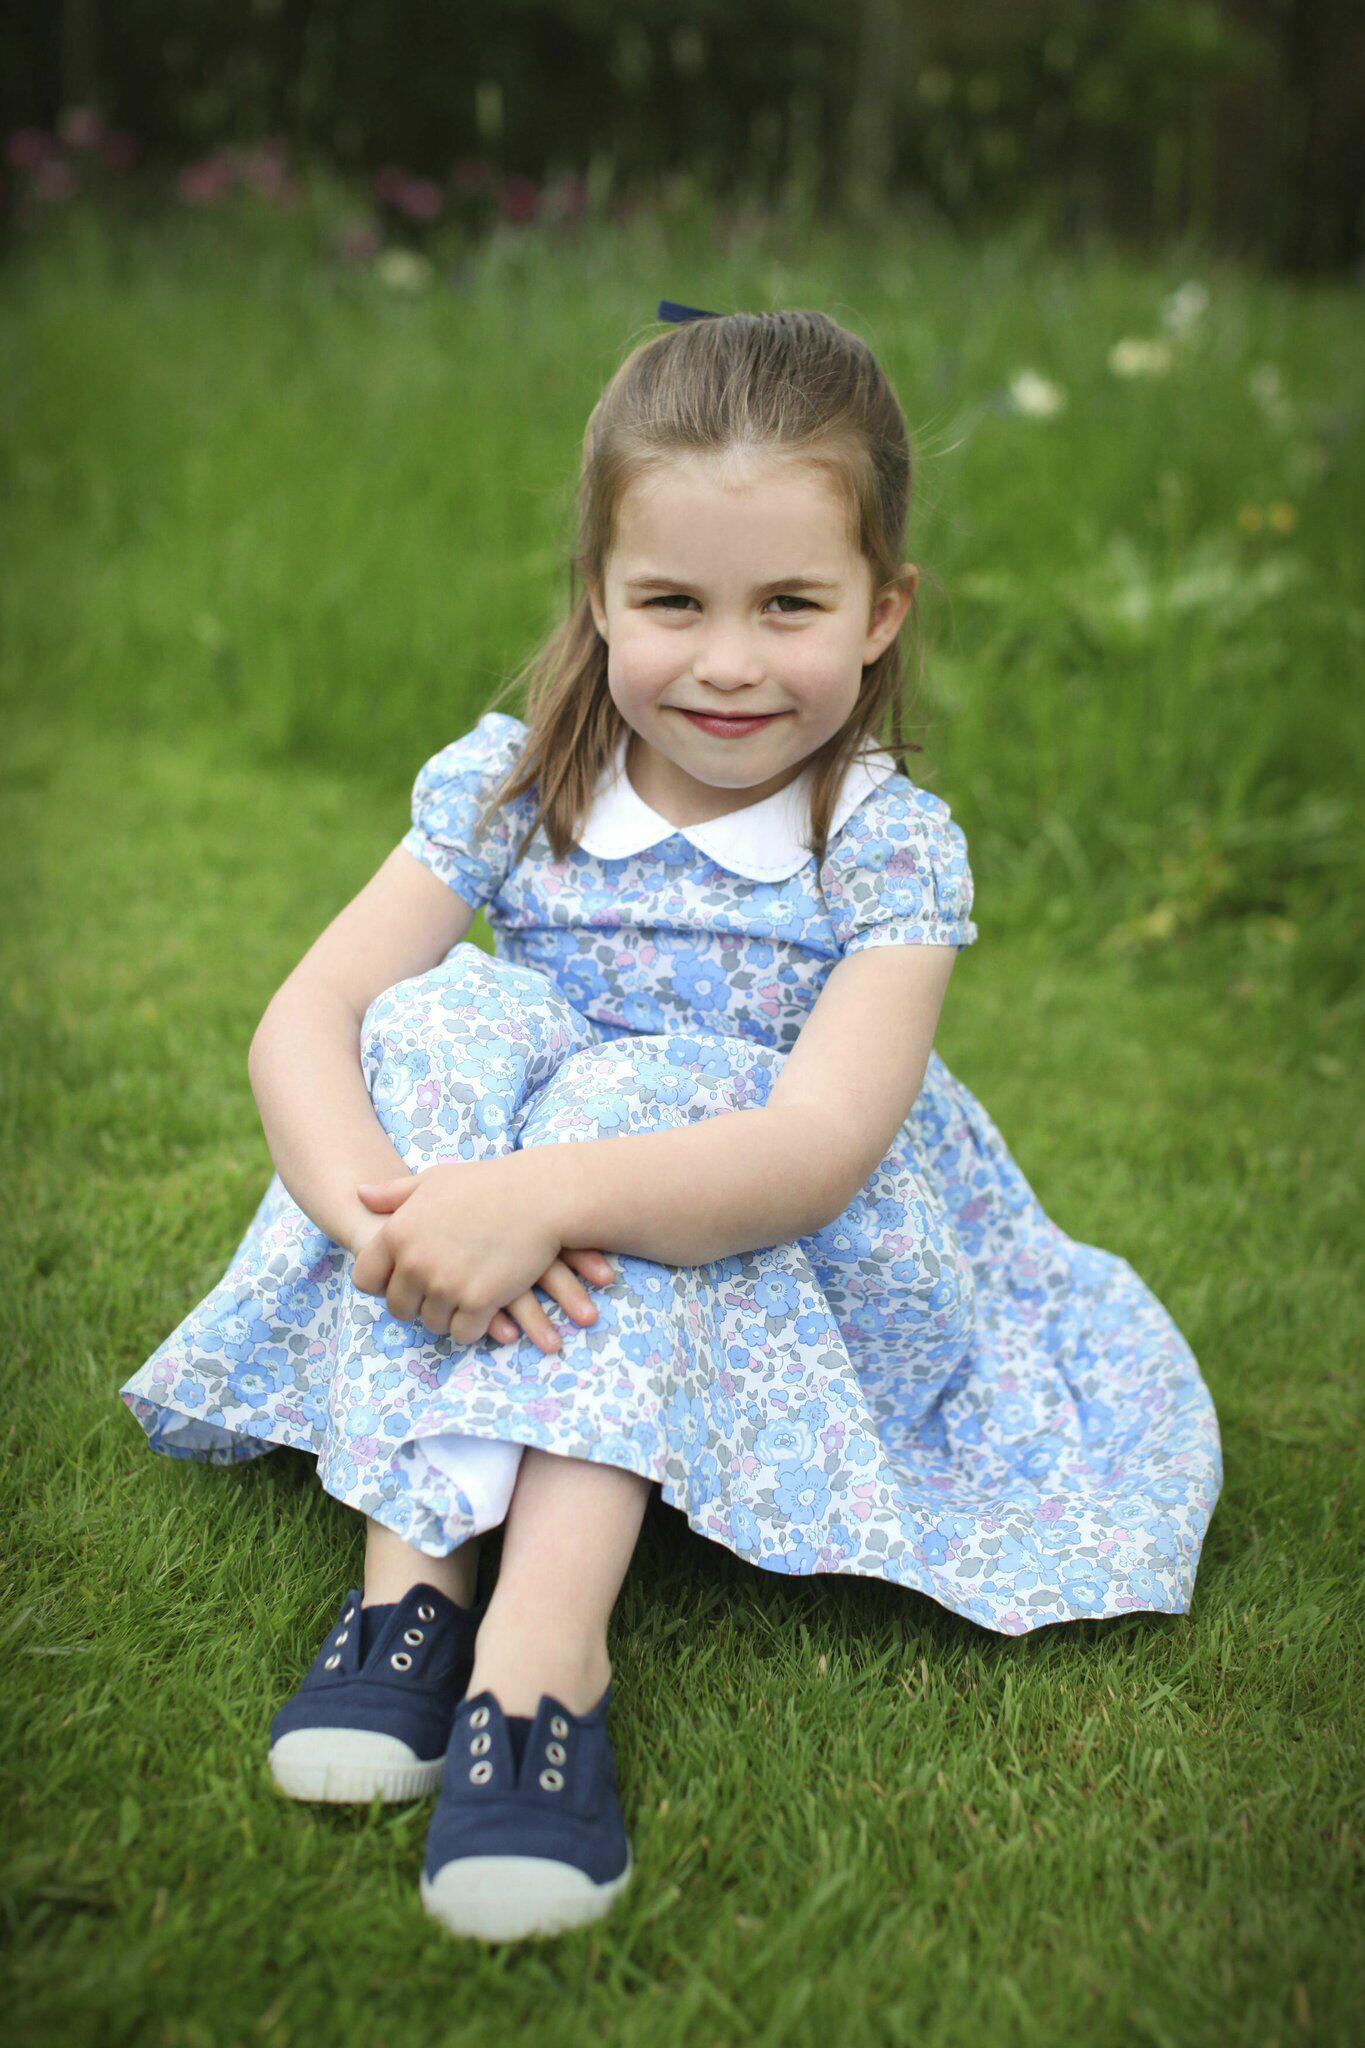 Bild zu Prinzessin Charlotte wird 4 Jahre alt